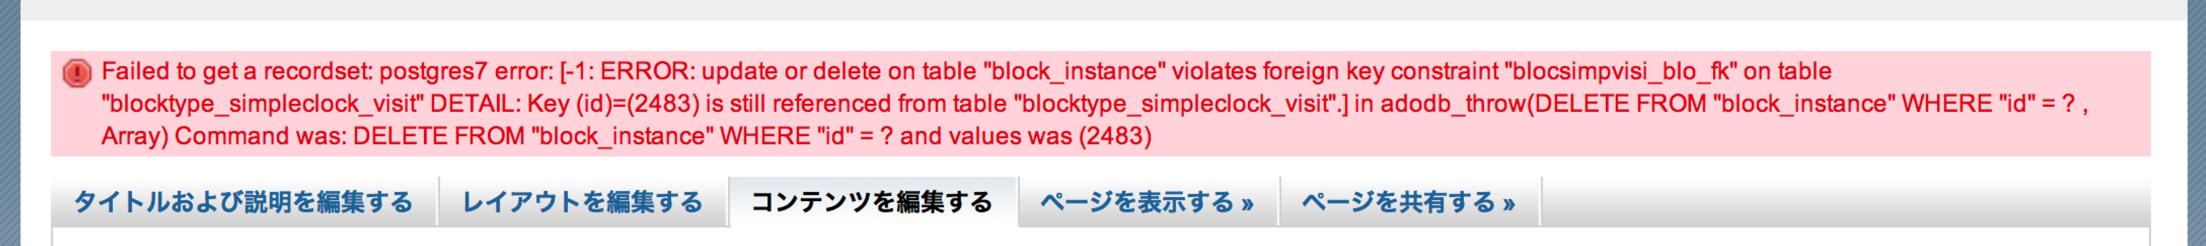 simpleclock-t5-20130111-024654.png